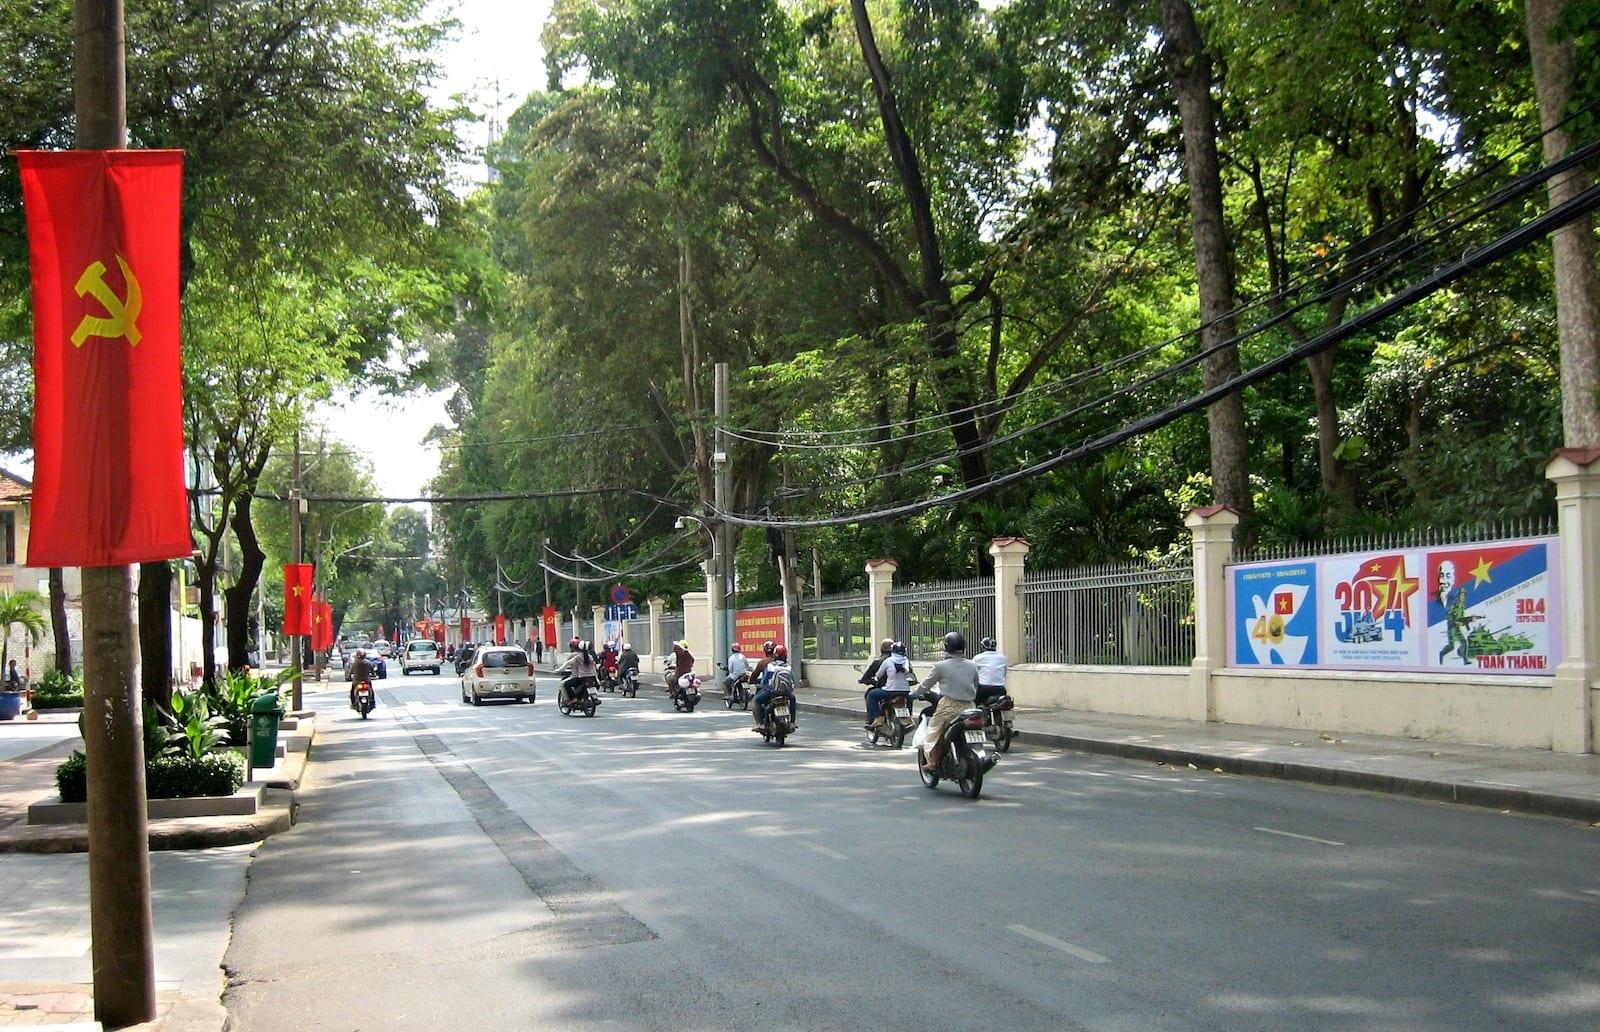 Nguyen Thi Minh Khai Street in April